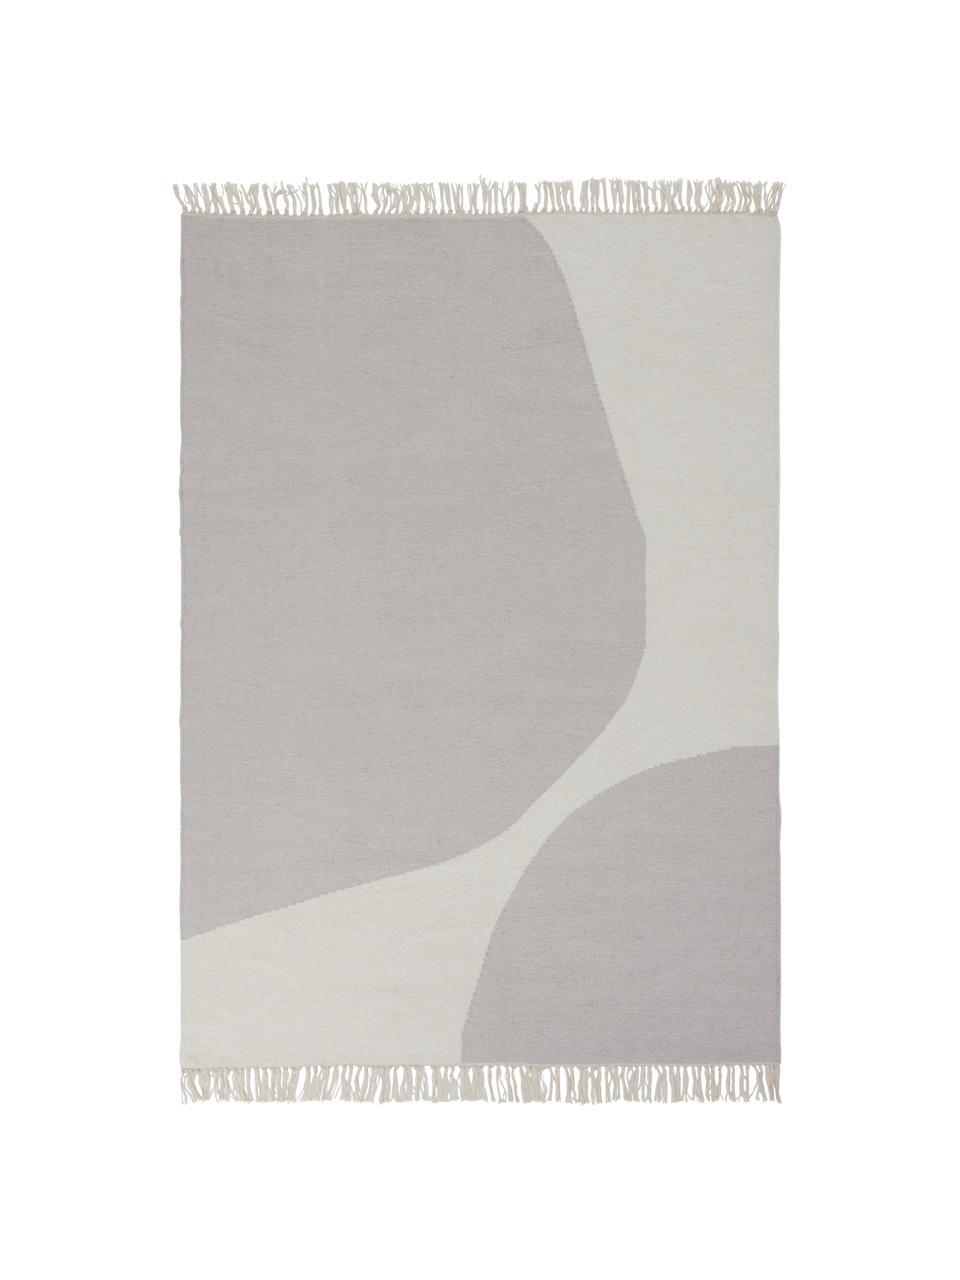 Ručně tkaný vlněný koberec Stones, Tlumeně bílá, béžová